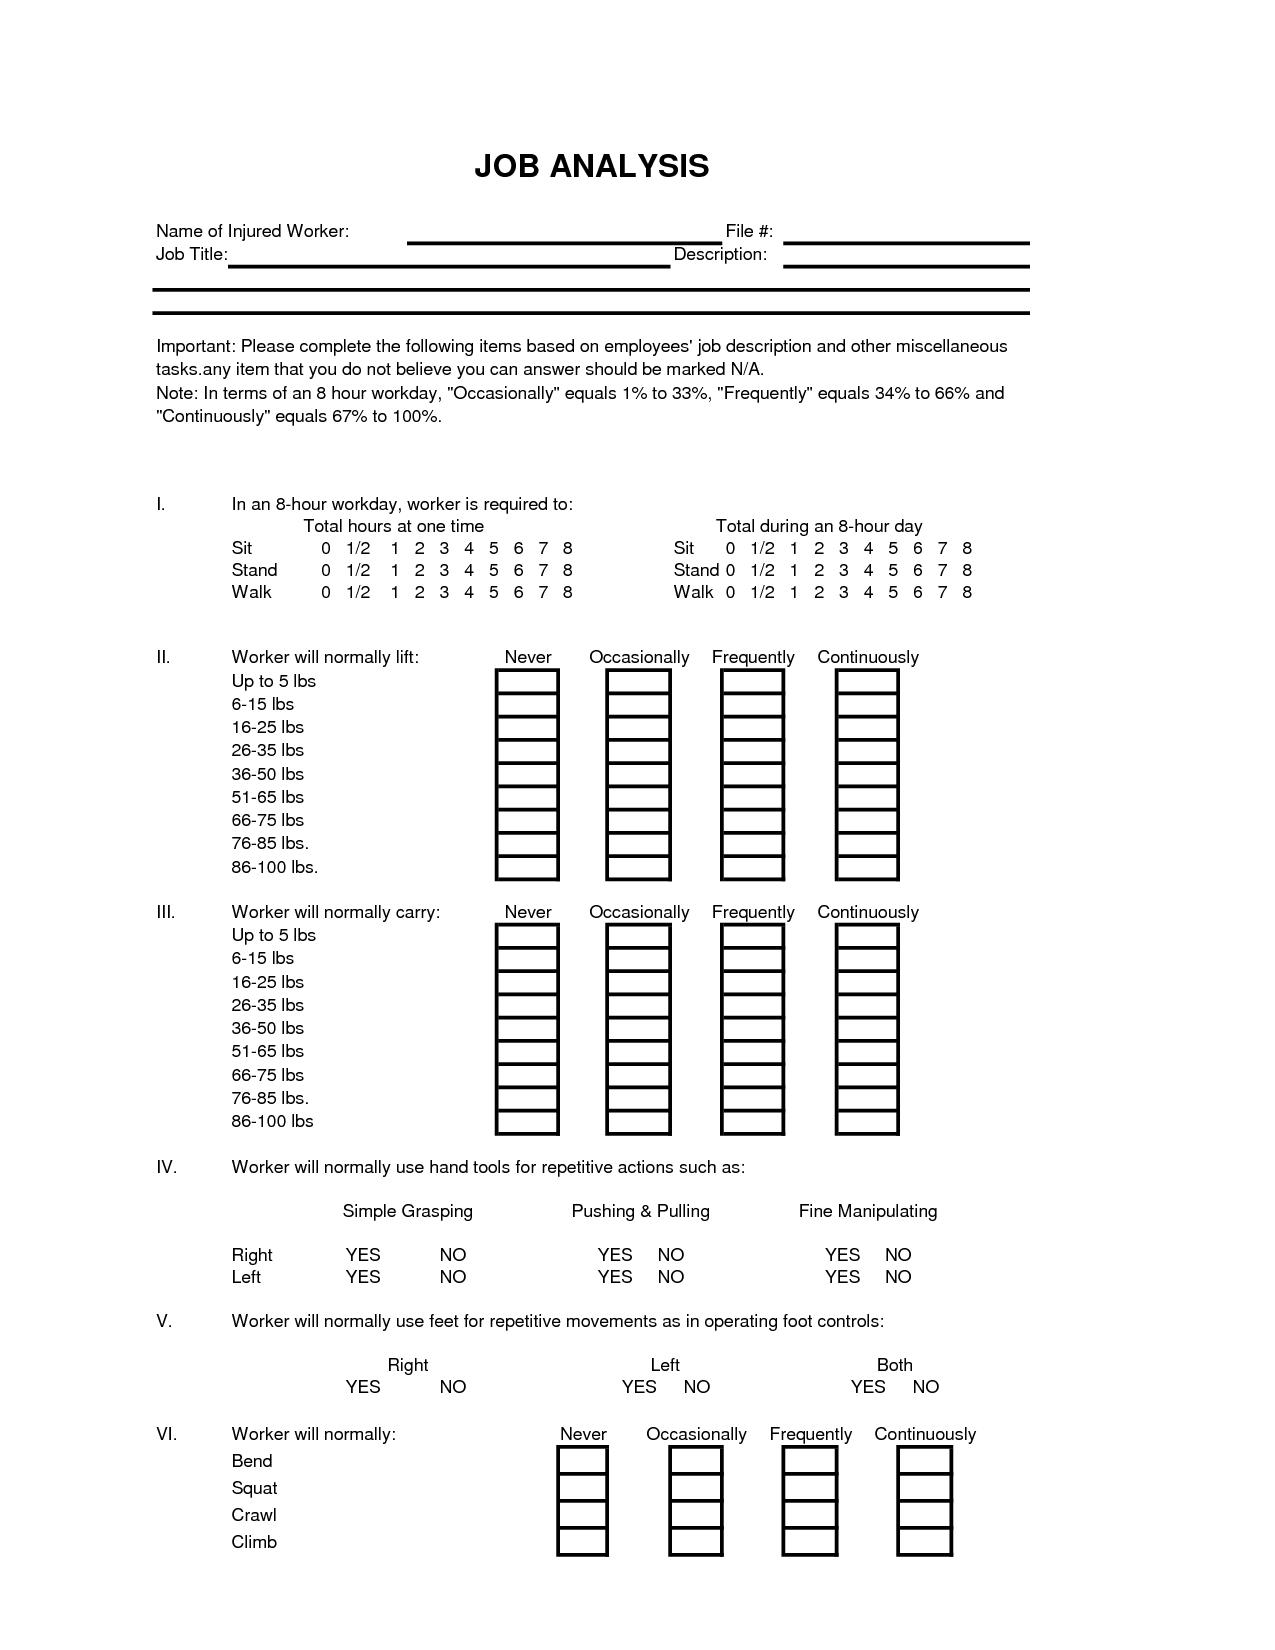 Job Analysis Forms Job analysis, Analysis, Worksheet